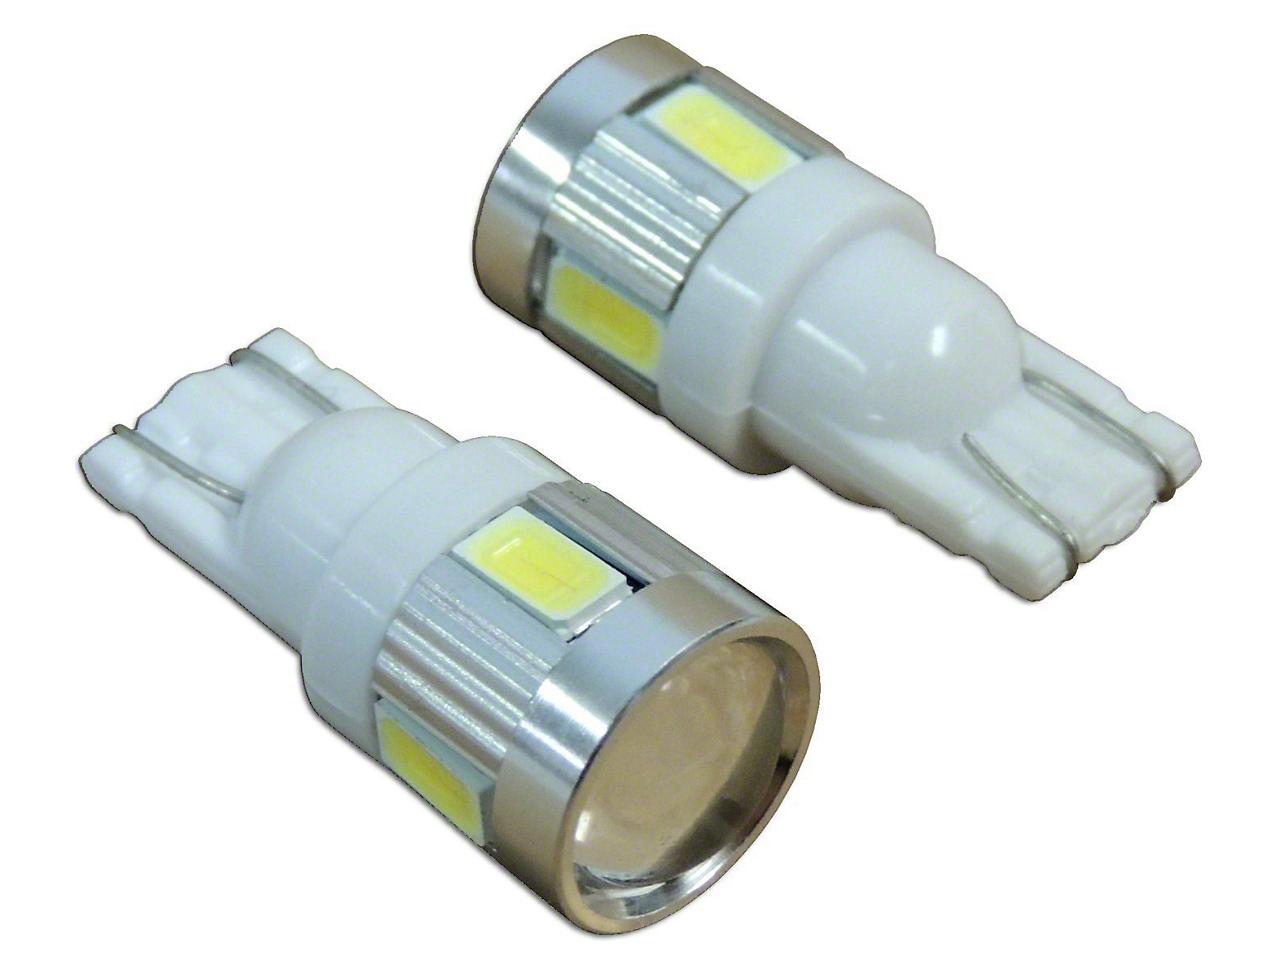 RT Off-Road Front Side Marker Light LED Bulbs - 194 (87-06 Wrangler YJ & TJ)